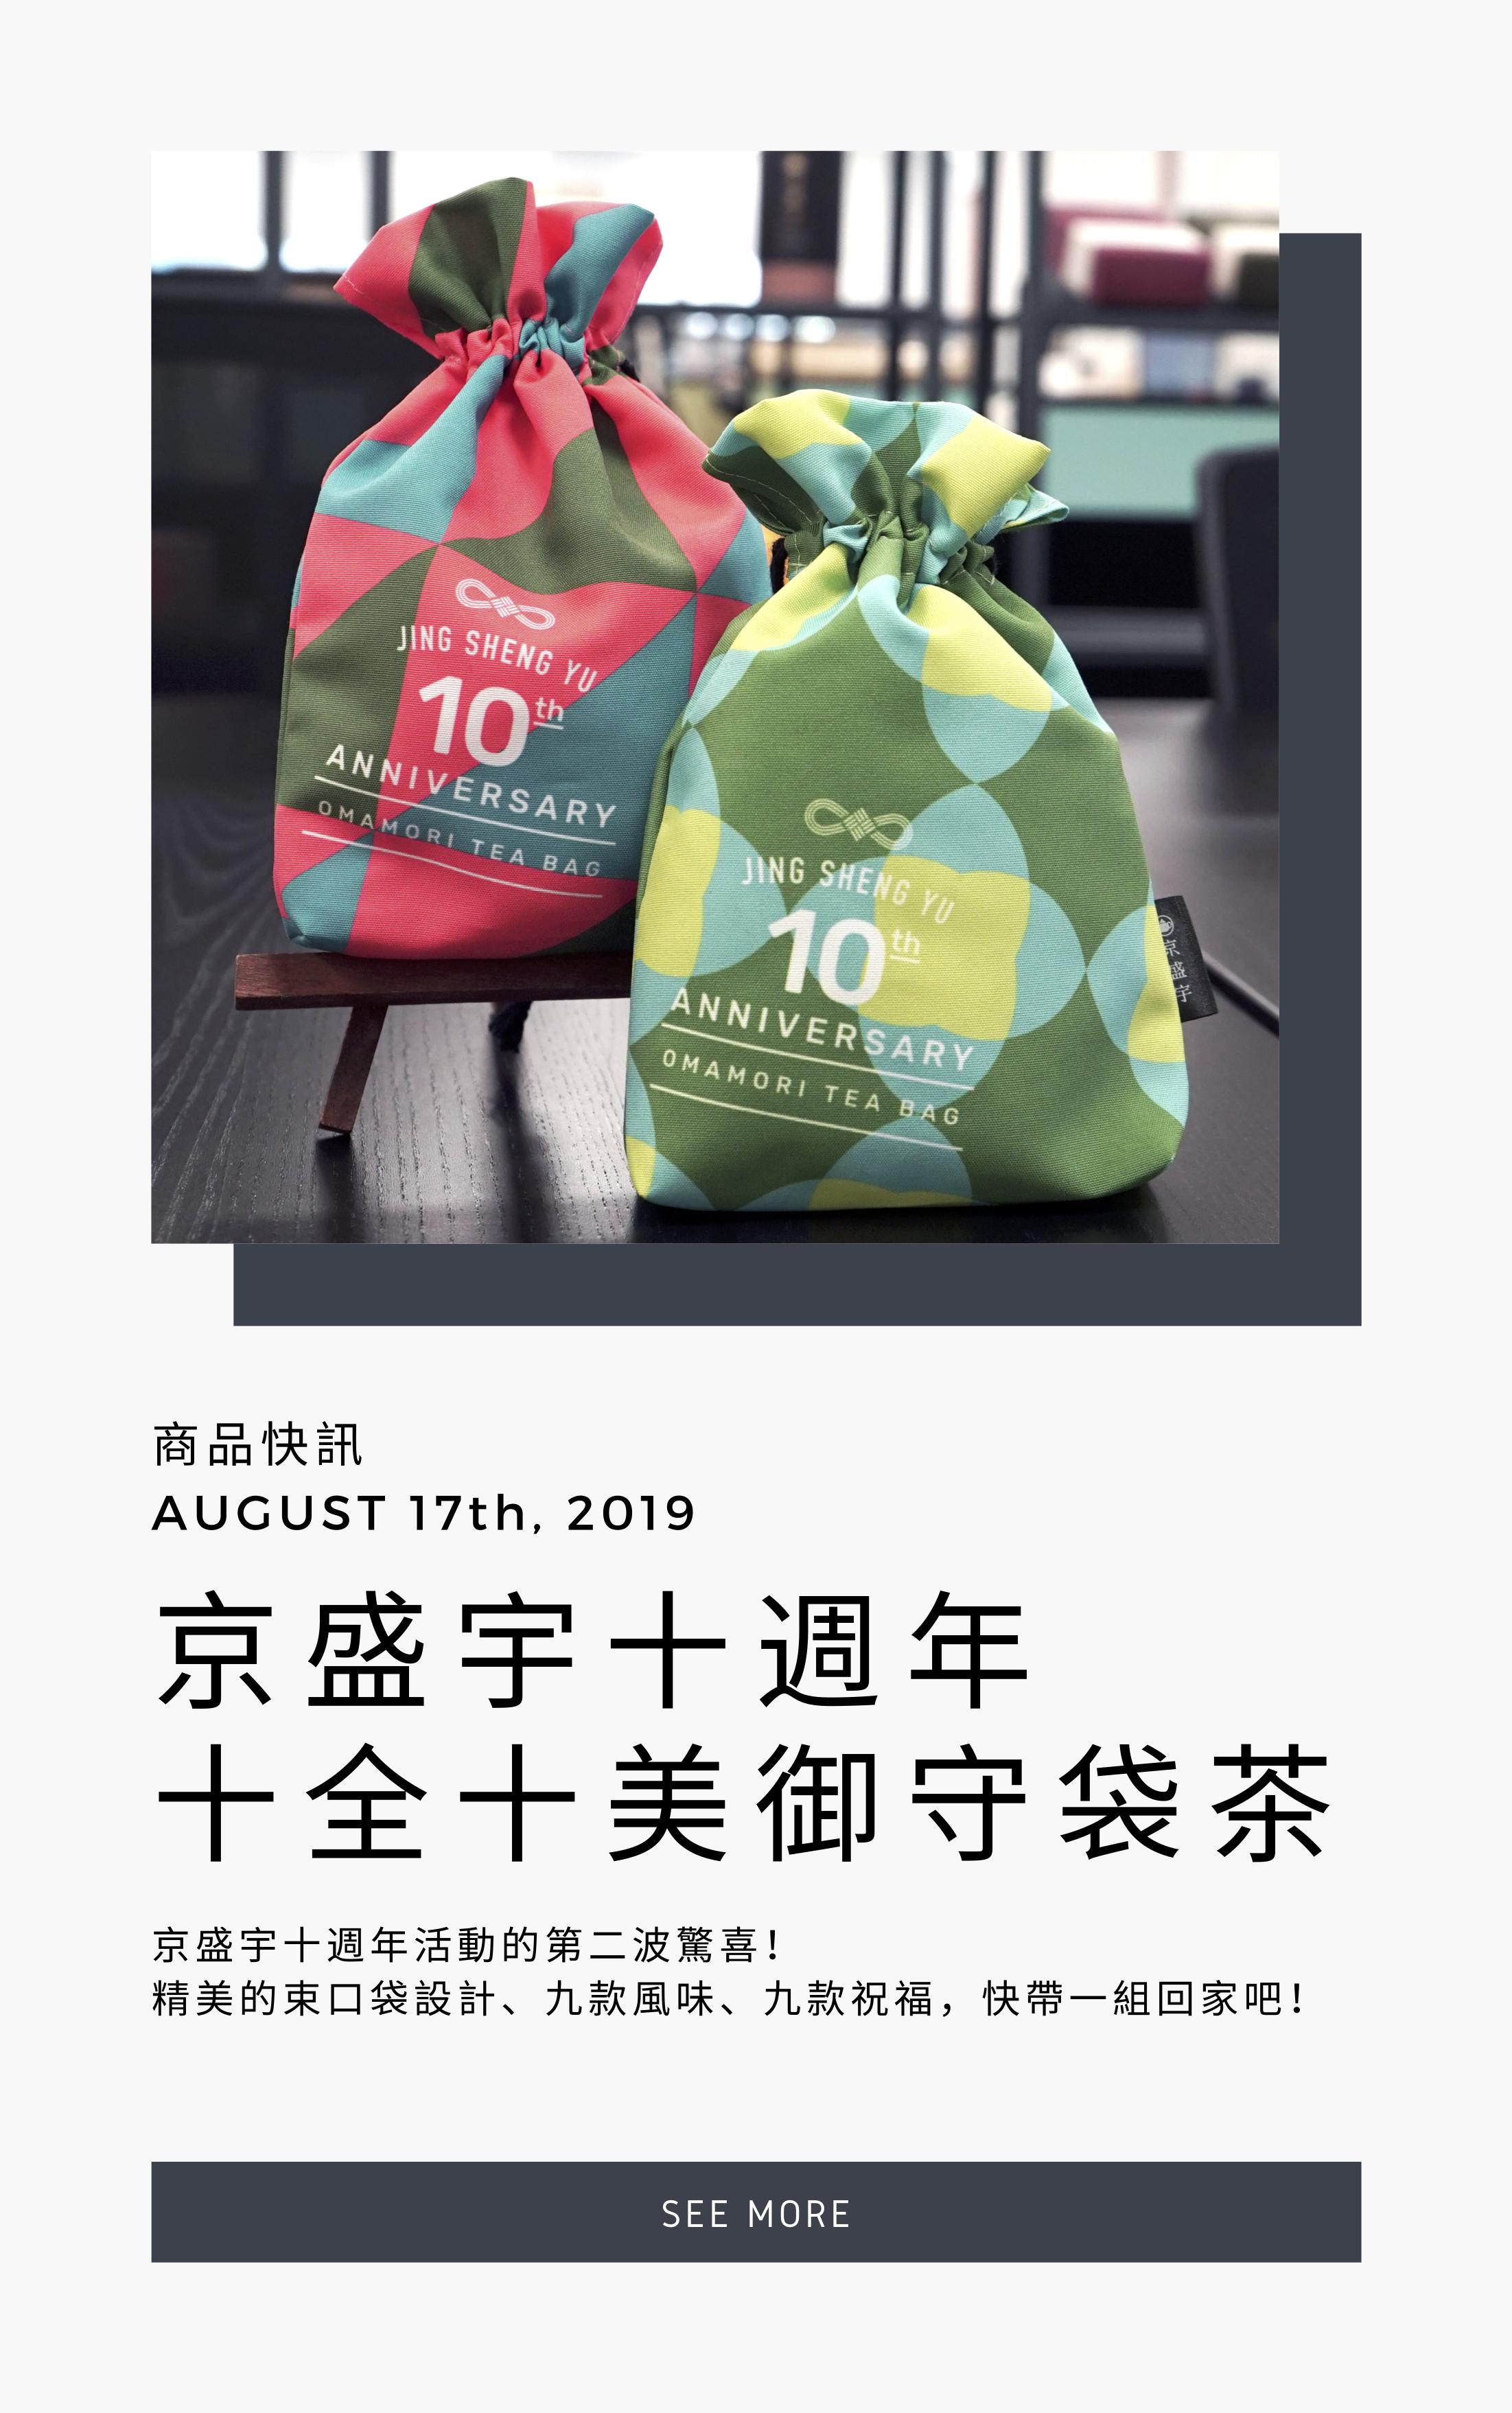 jing sheng yu news 10th anniversary tea bag pack